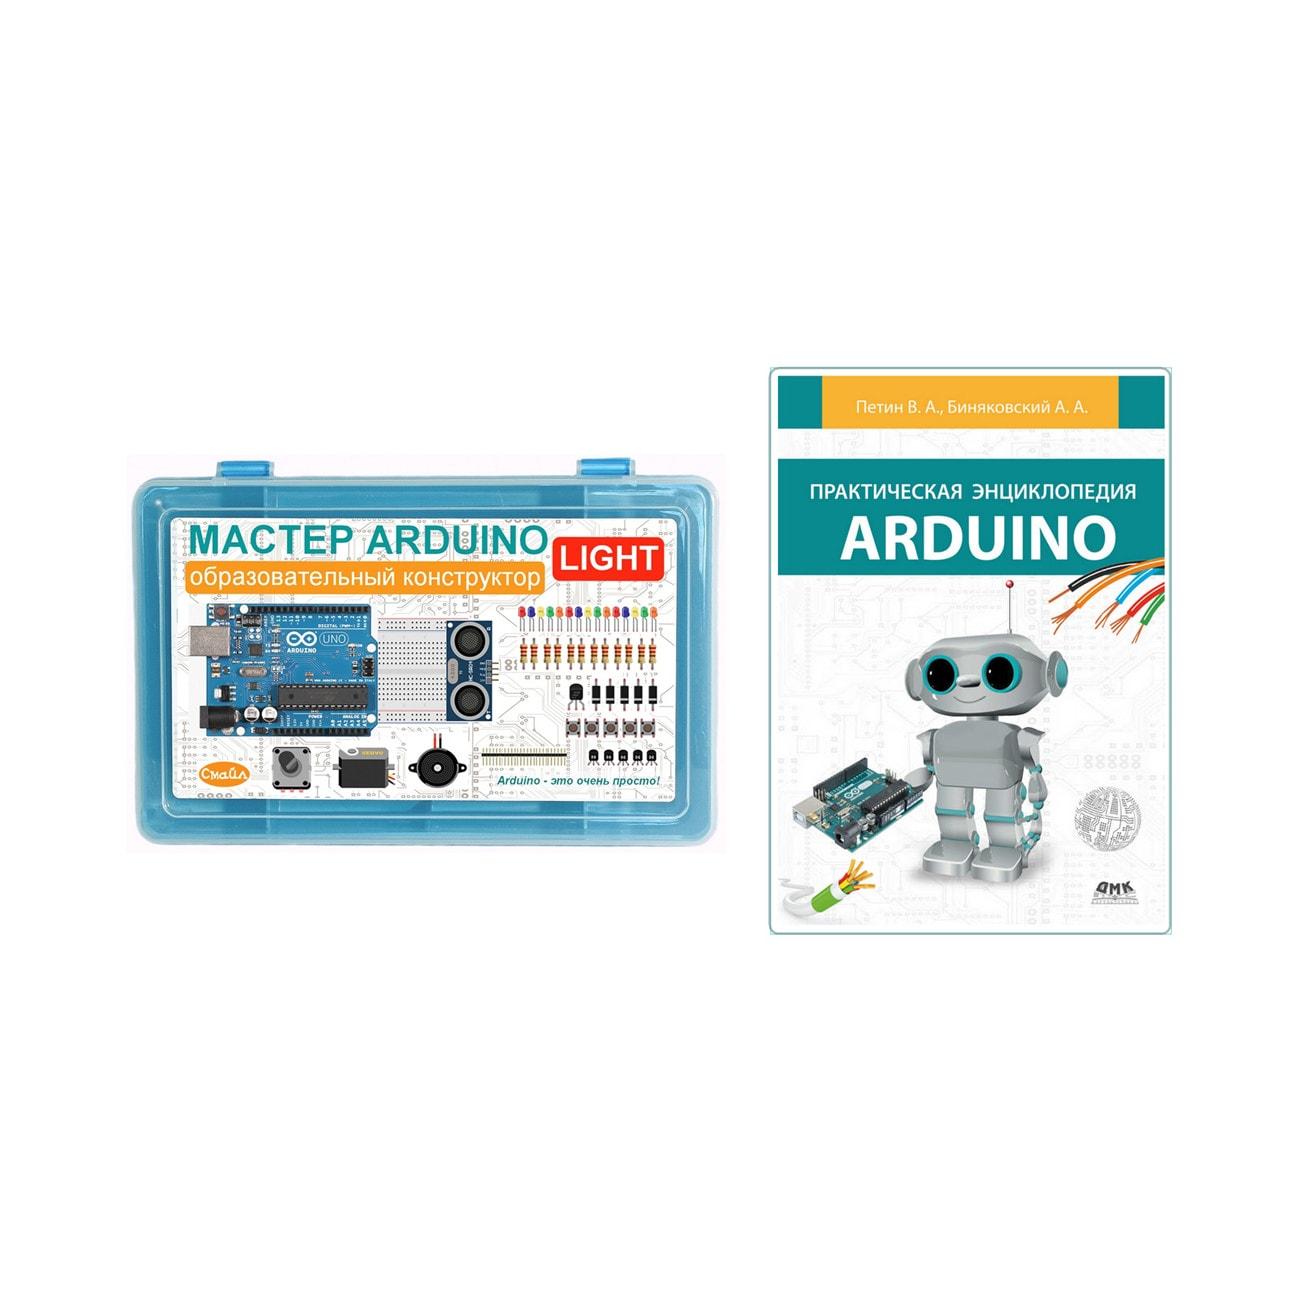 """Мастер ARDUINO Light. Образовательный конструктор с книгой """"Практическая энциклопедия Arduino"""""""